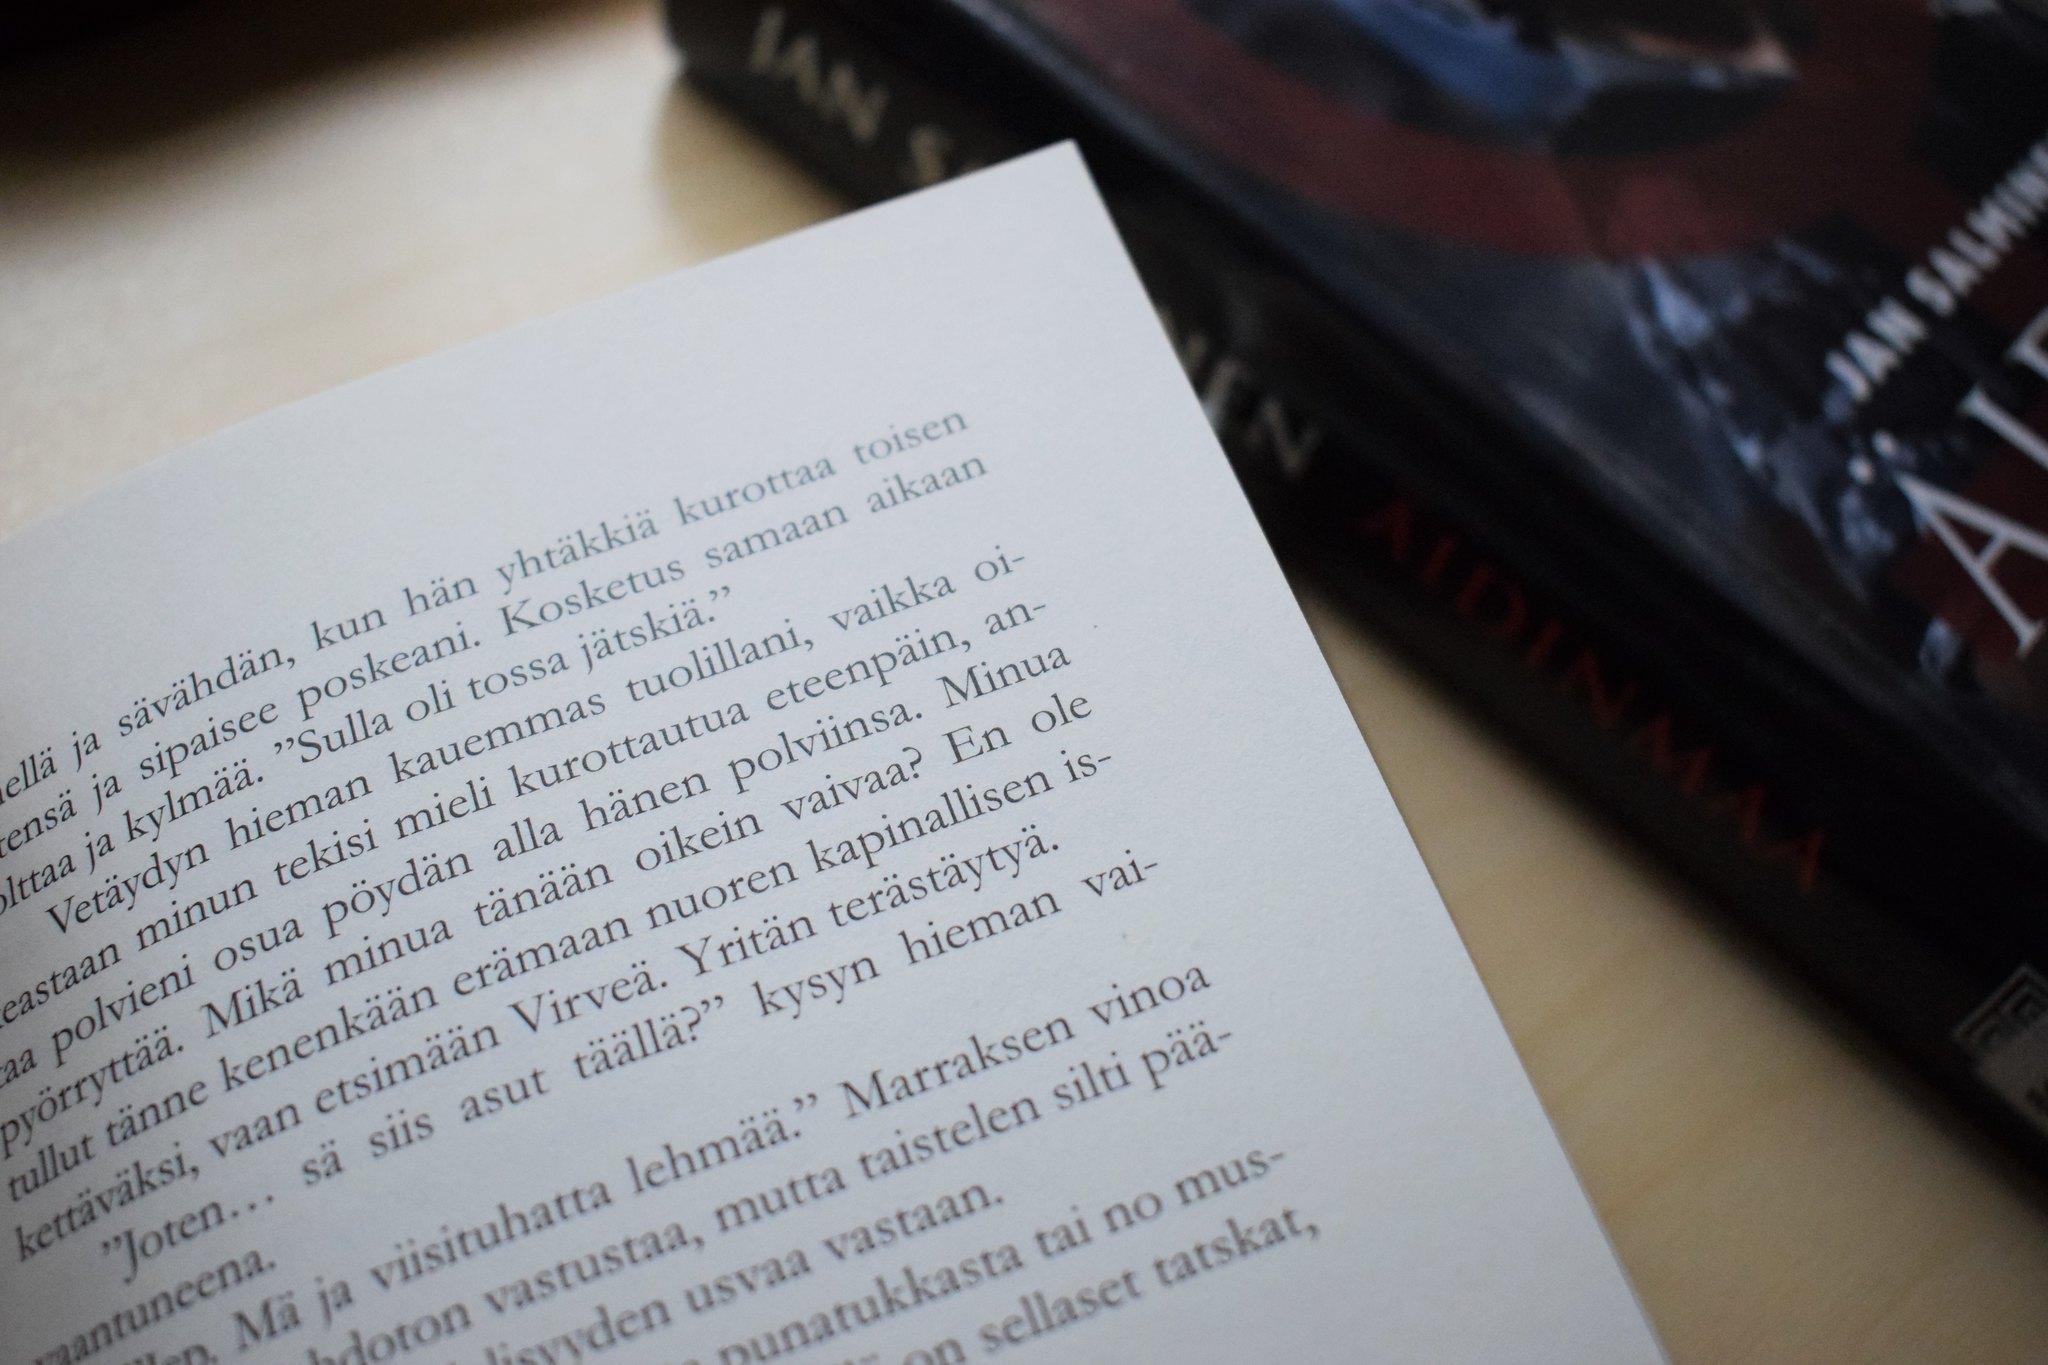 12 syytä lukea kirjoja